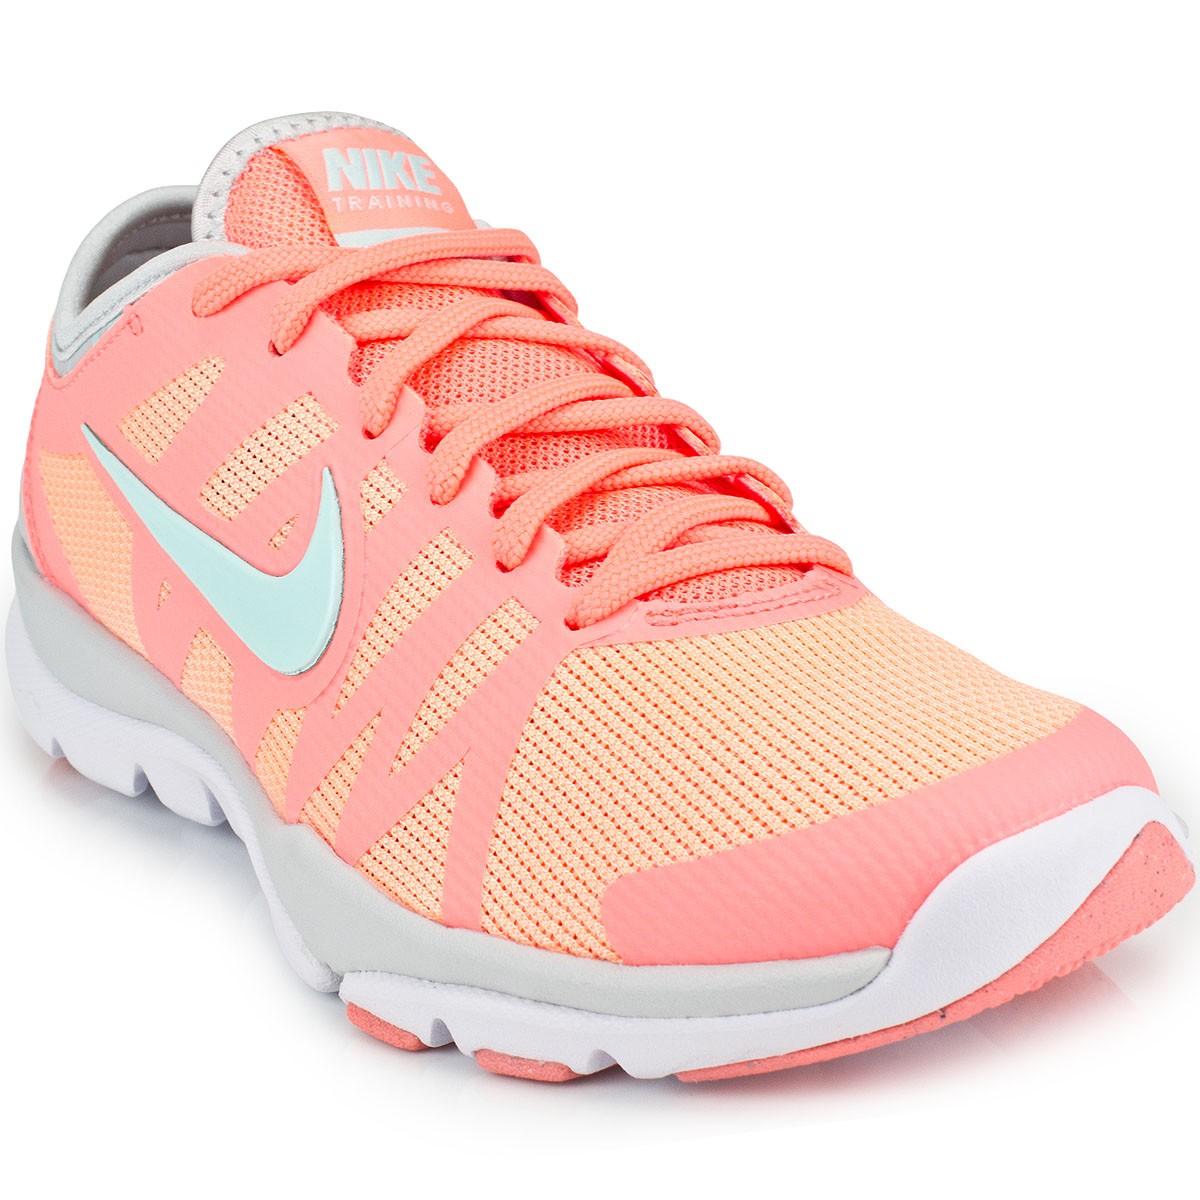 Tênis Nike Flex Supreme TR 3 W 683138  463c0a6bc6d8c